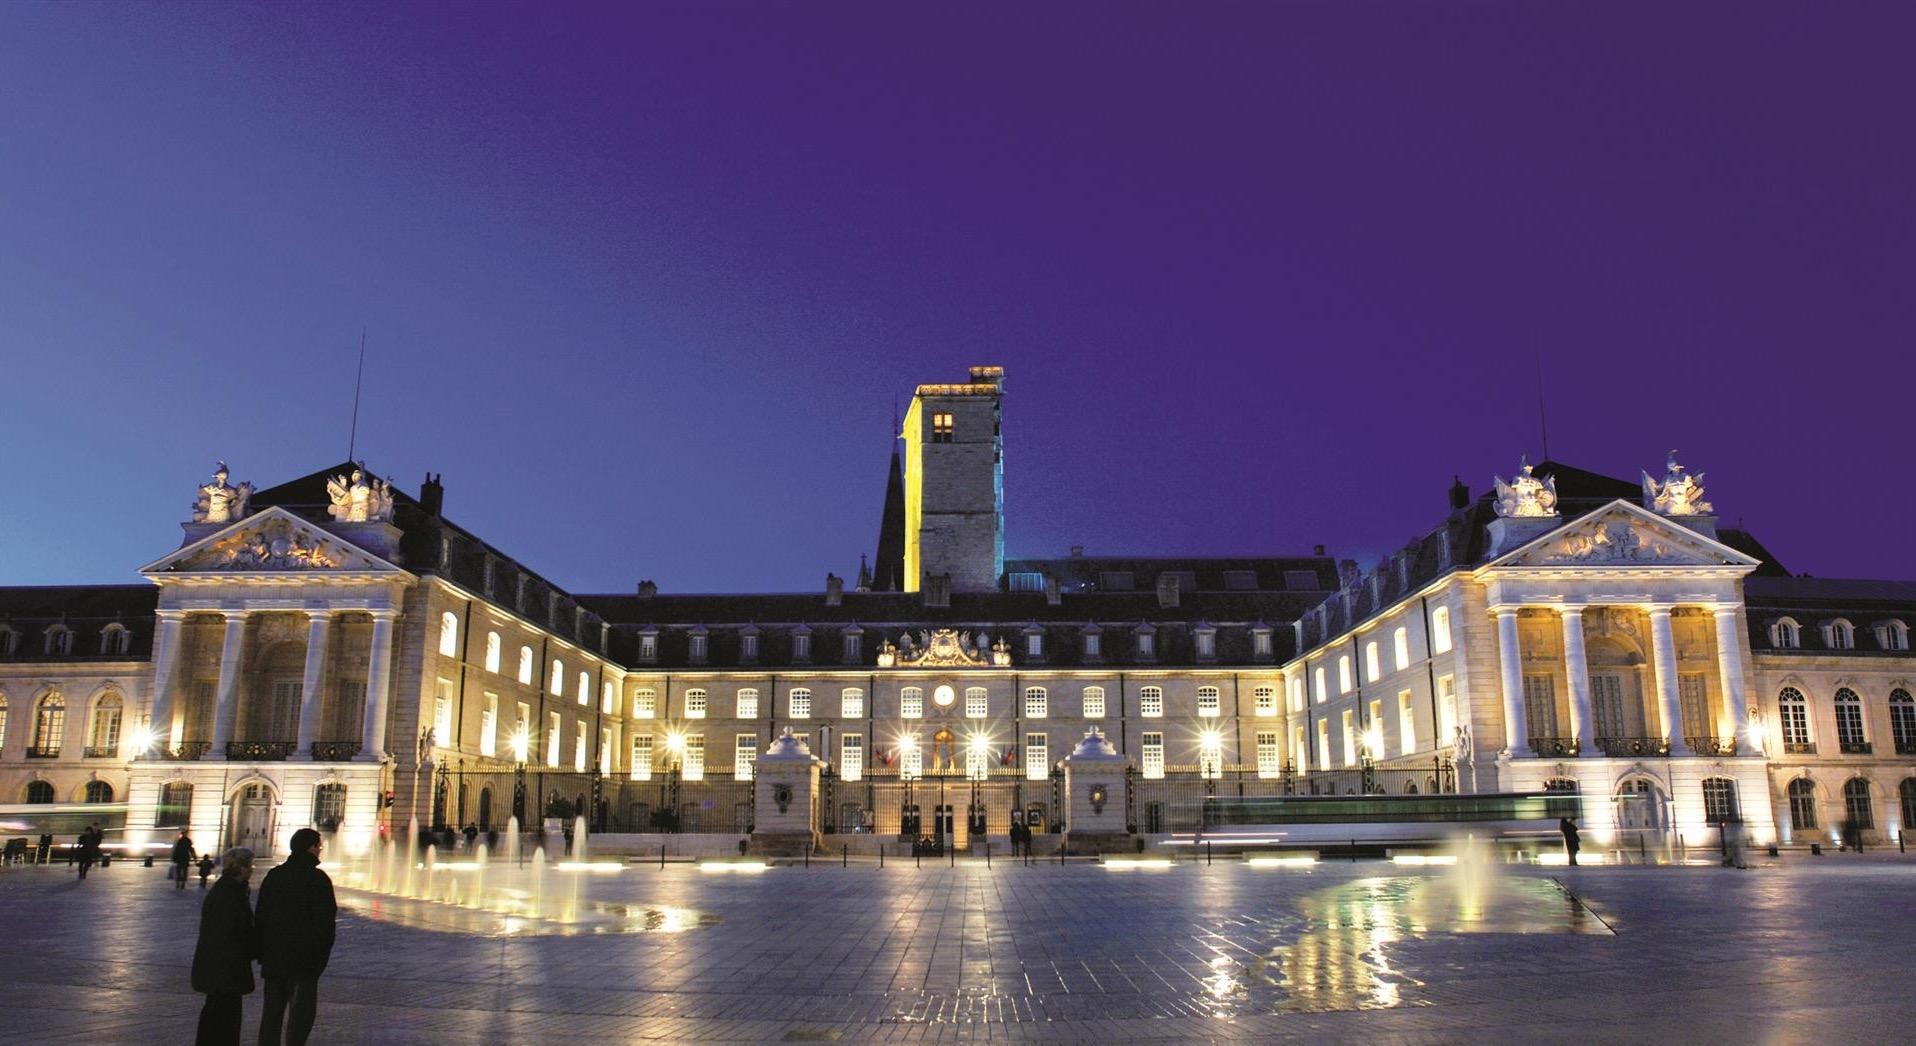 7418-Dijon-Place-de-la-Liberation-copyri